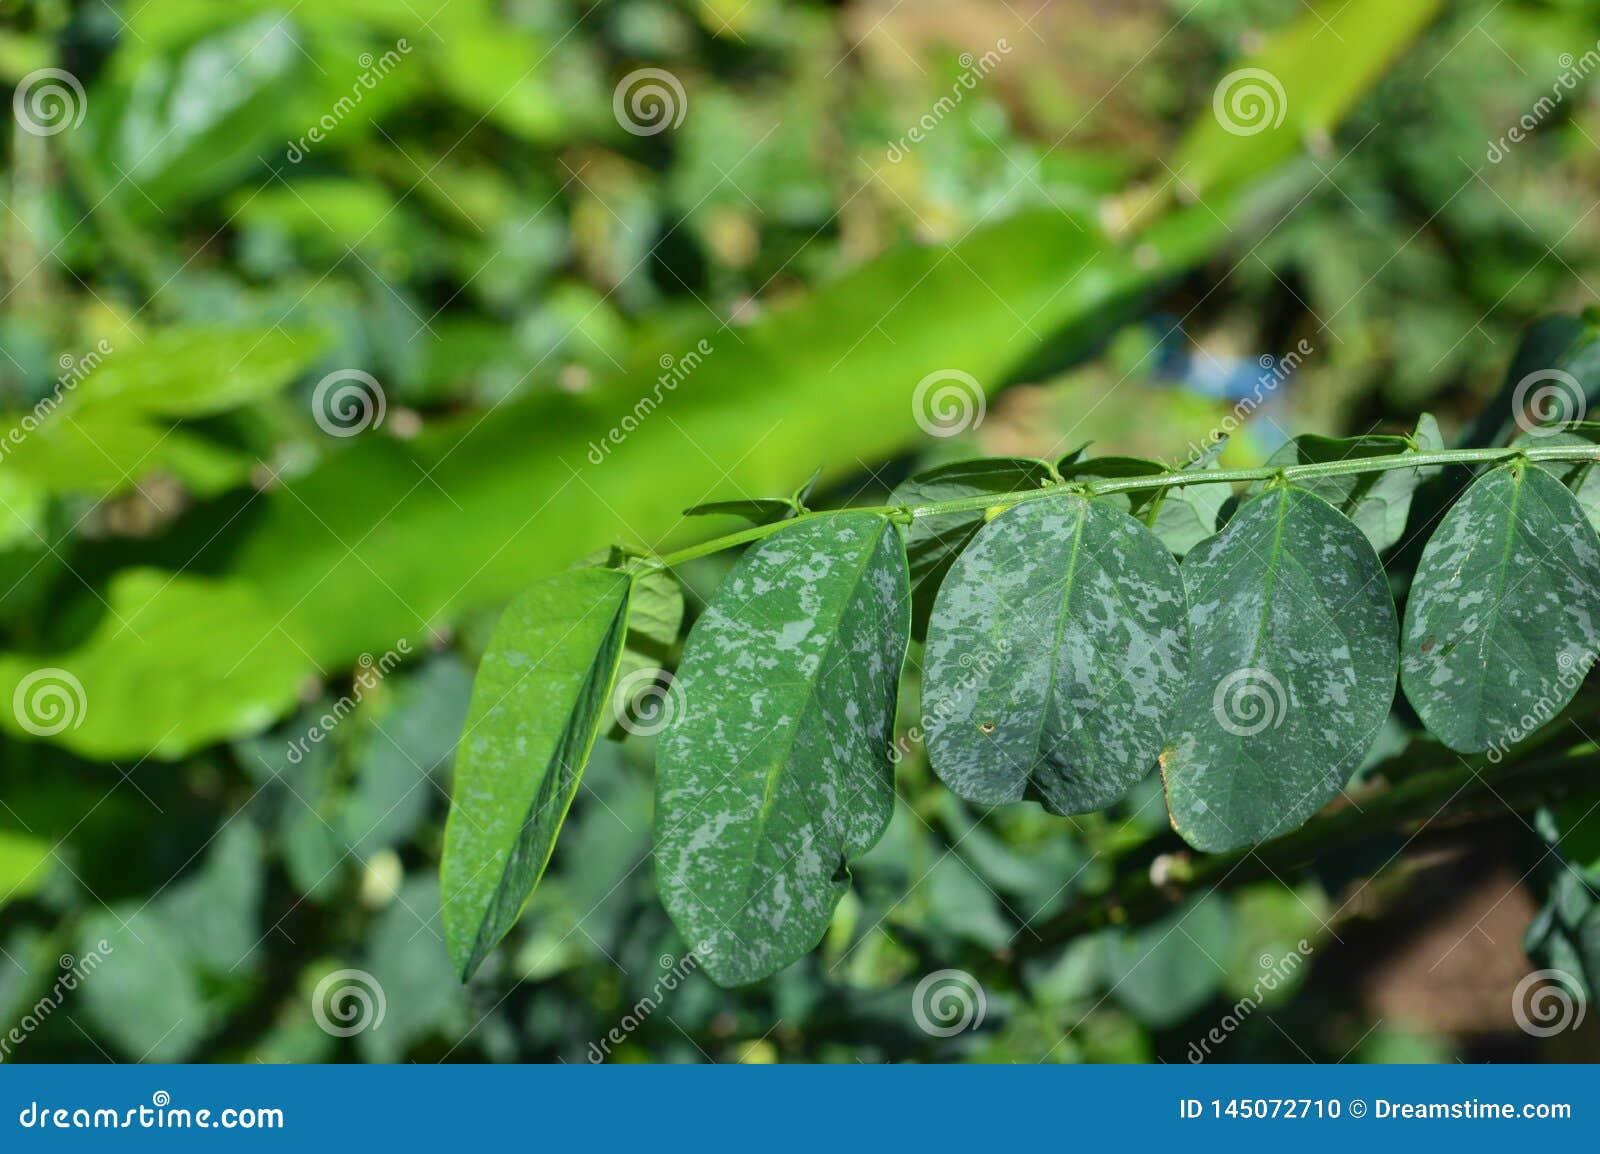 Textuur en foto s van groene bladeren in een tropisch klimaat